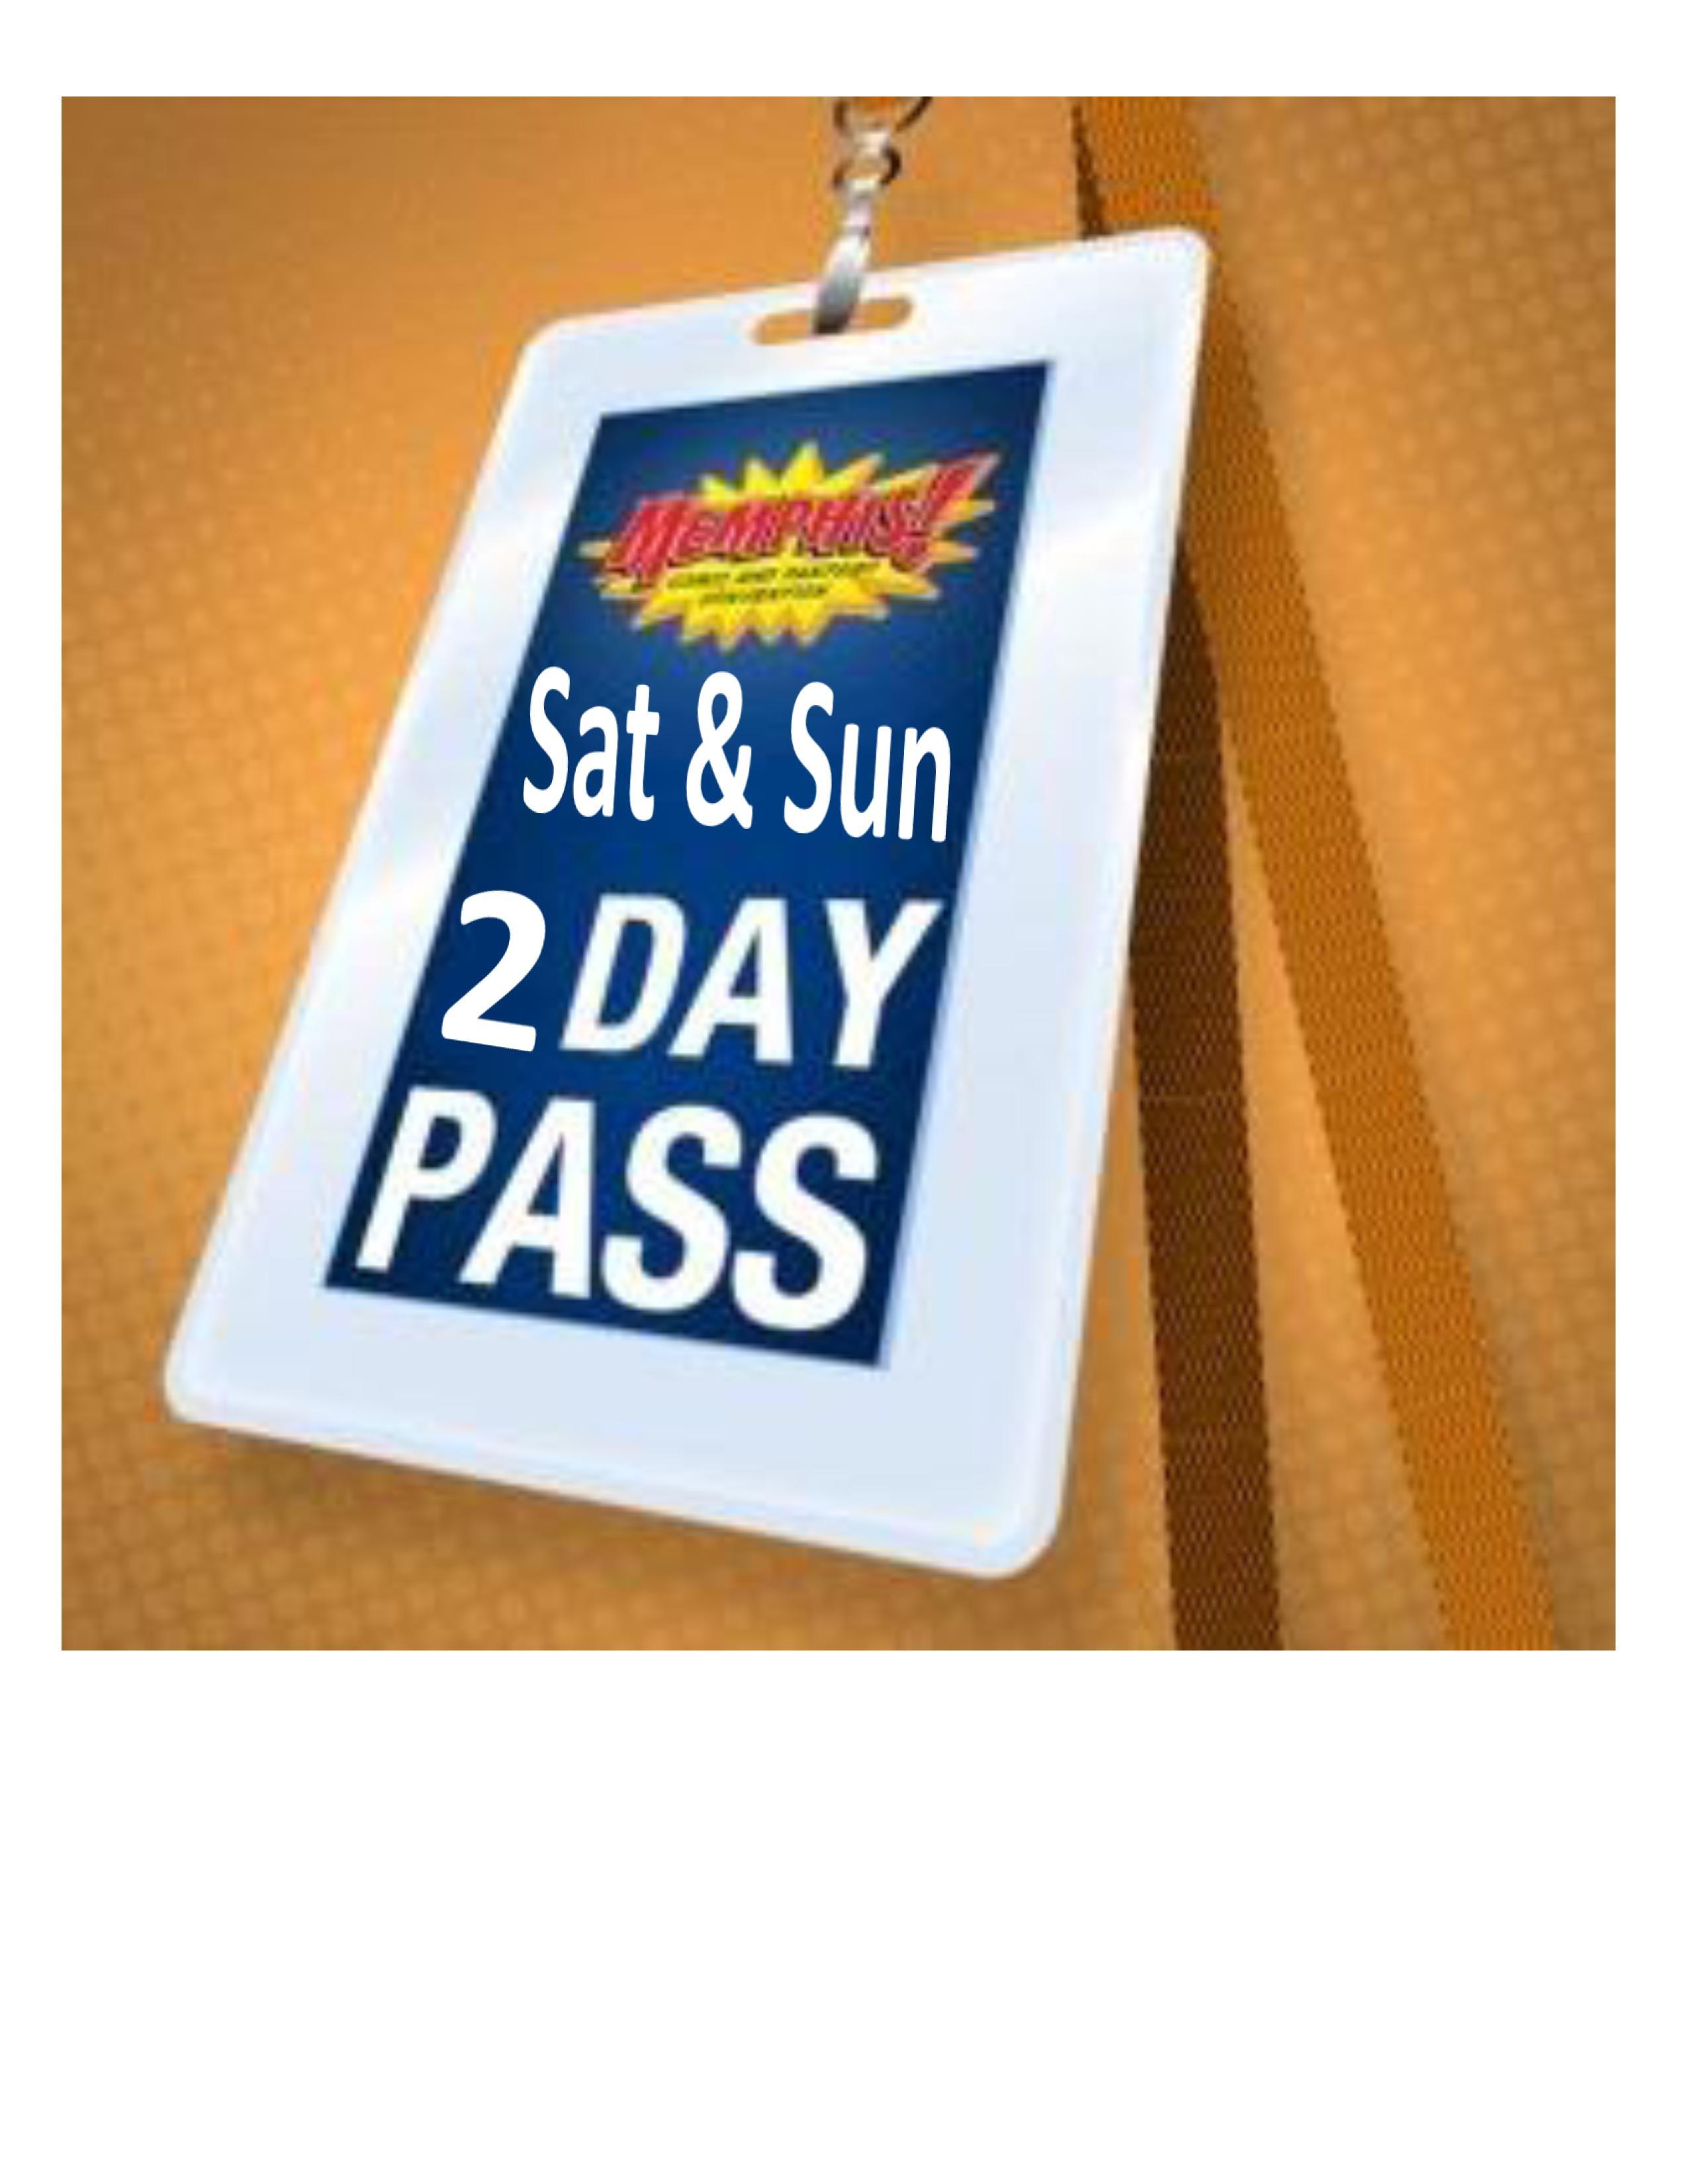 mcfc-sat-sun-2-day-pass_001